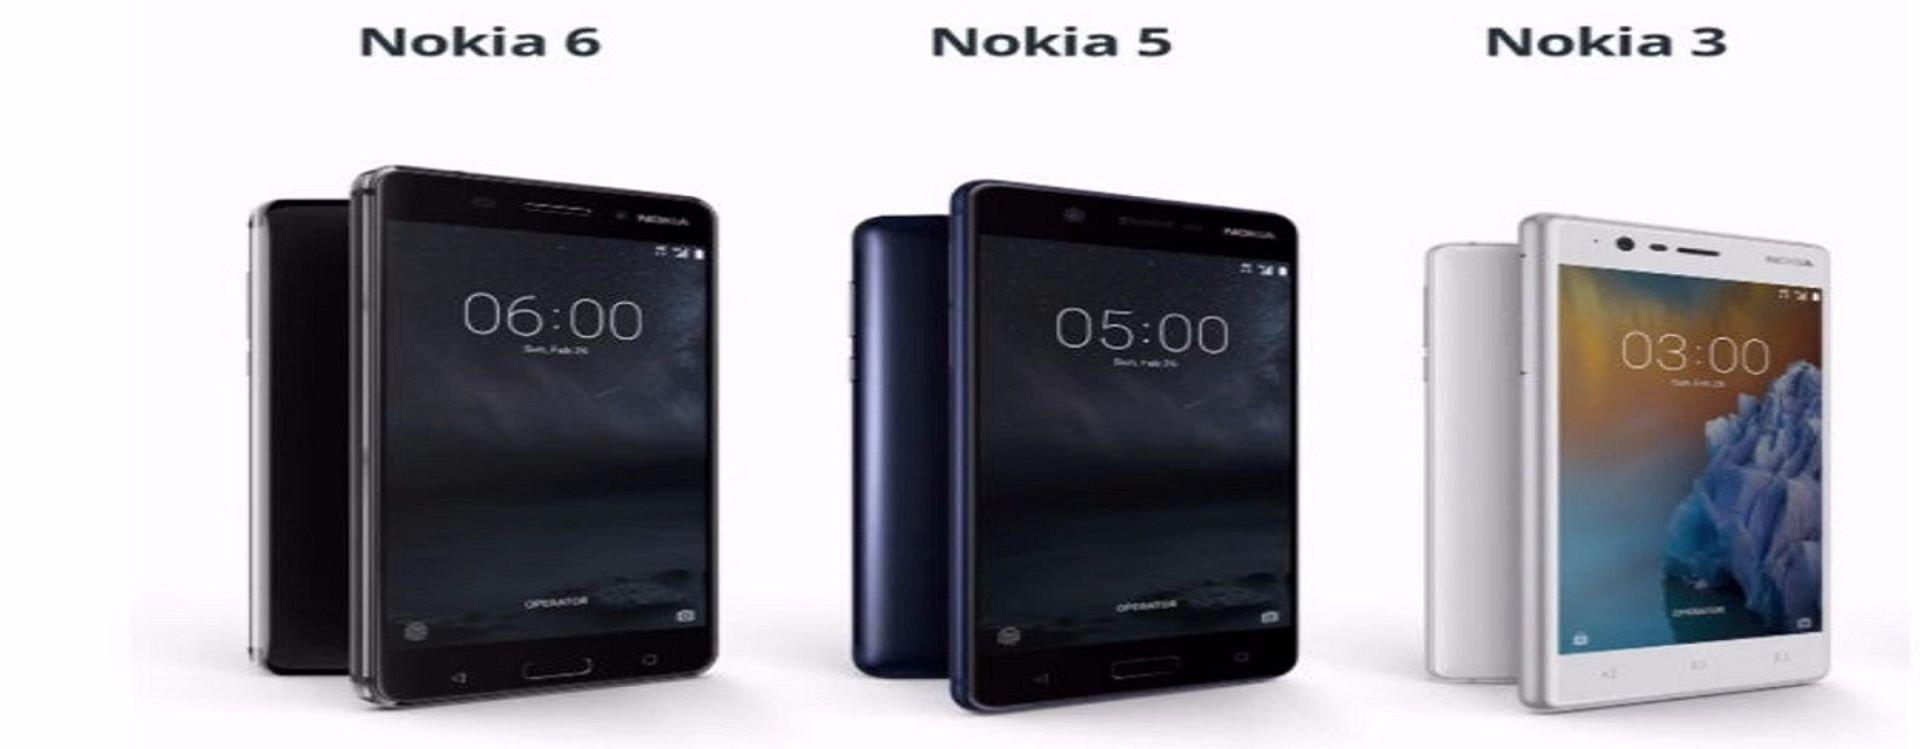 ما هي مواصفات هواتف نوكيا الجديدة 3 و5 و6